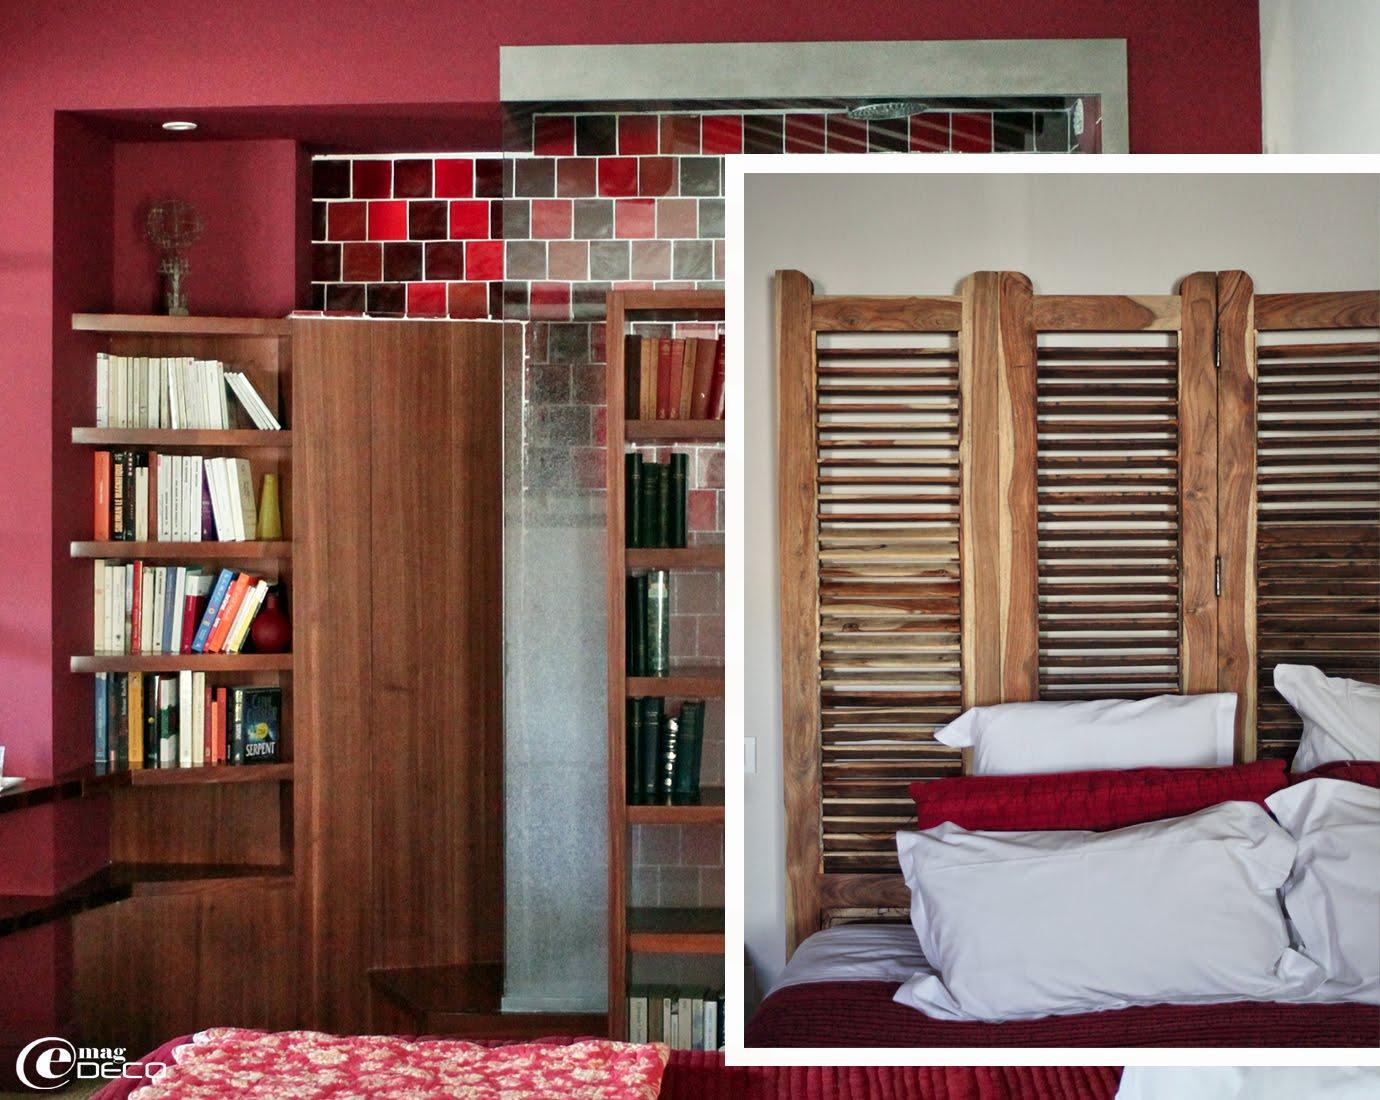 Détail de la douche et de la tête de lit paravent d'une chambre de la maison d'hôtes La Maison sur la Sorgue dans le Vaucluse